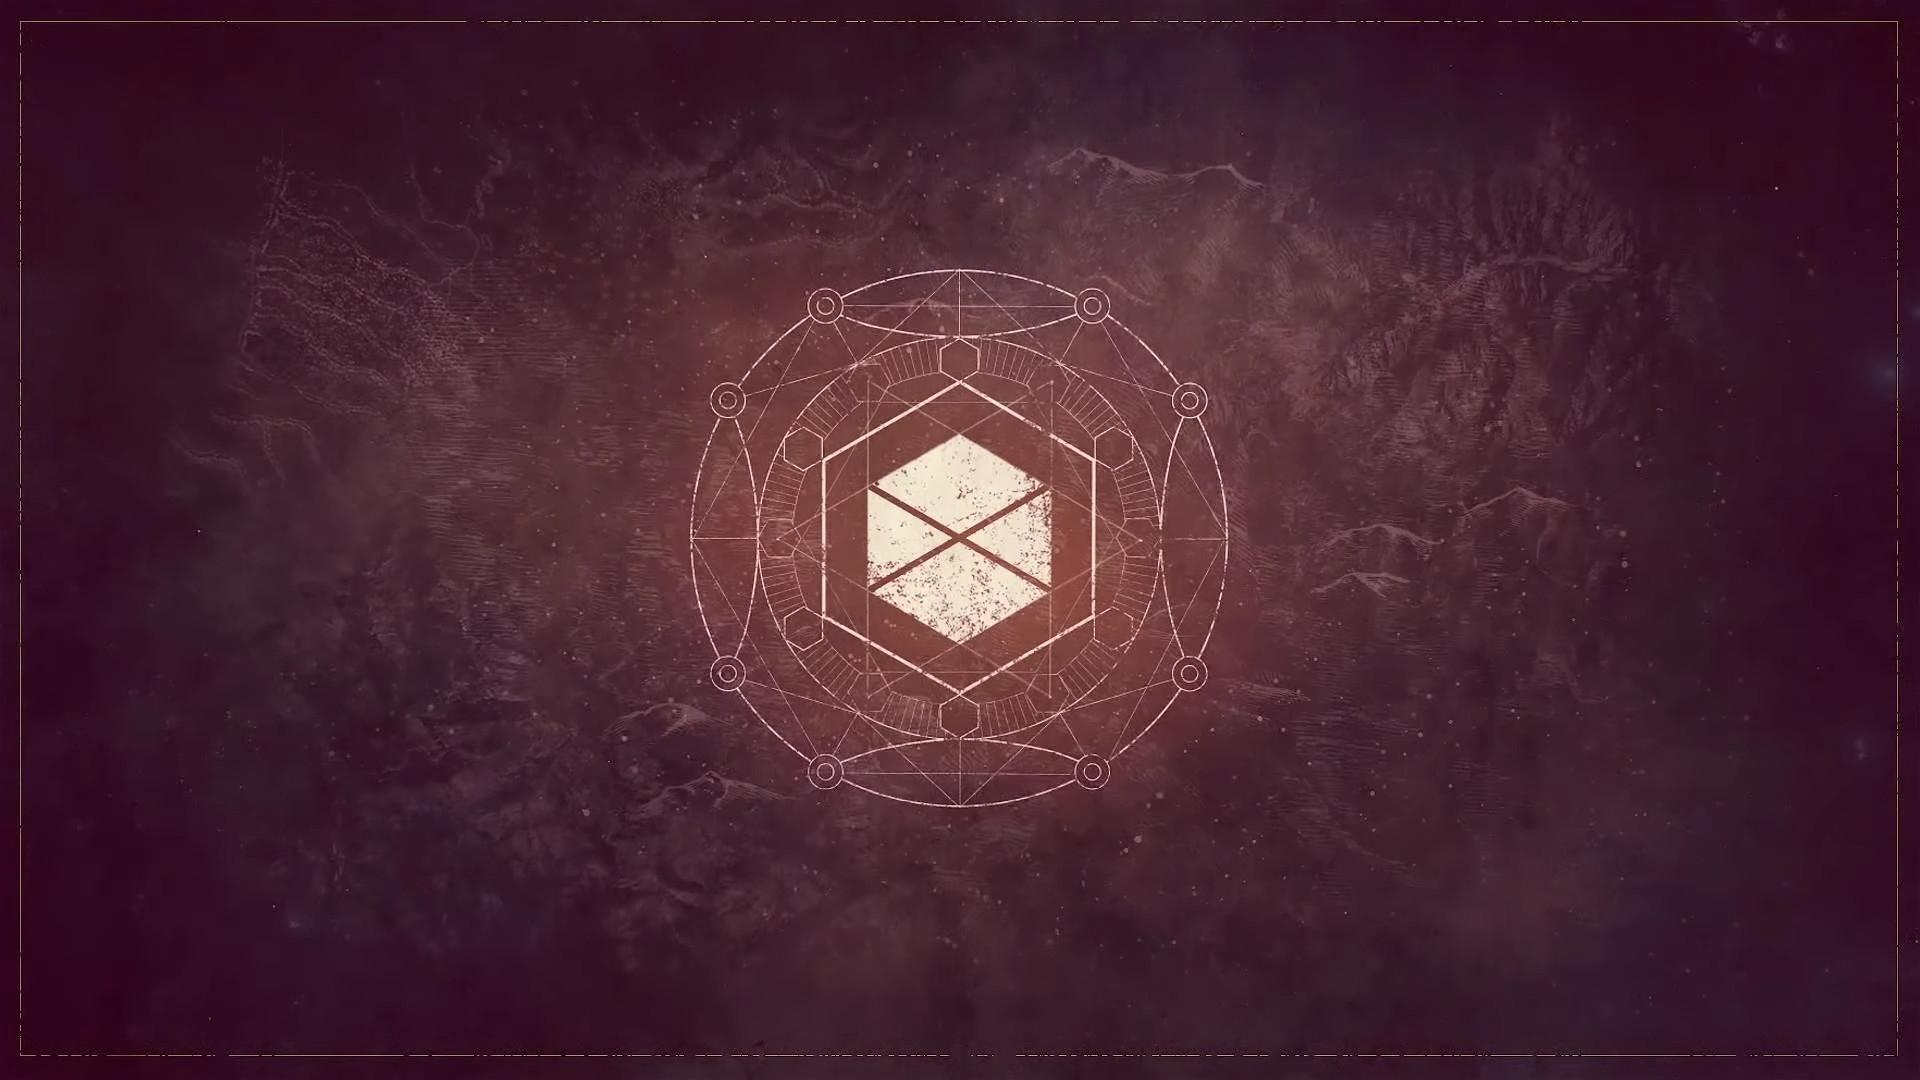 Destiny: The Taken King – Sunbreaker Cutscene Artwork